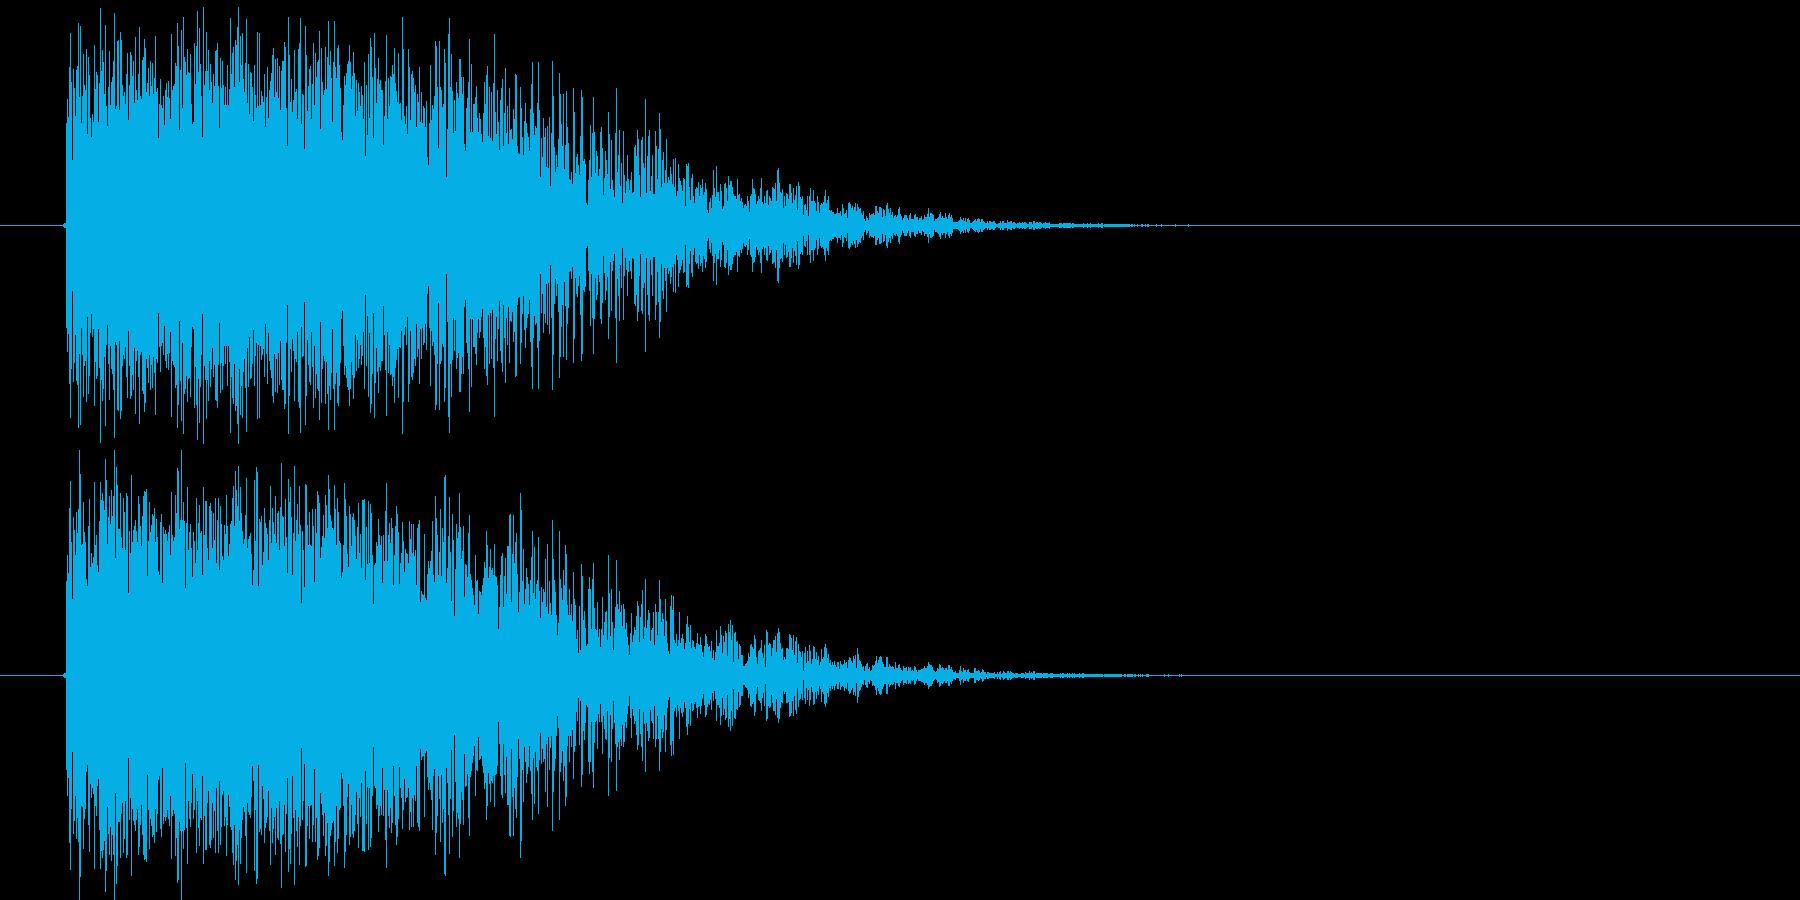 爆発音_砲撃音の再生済みの波形